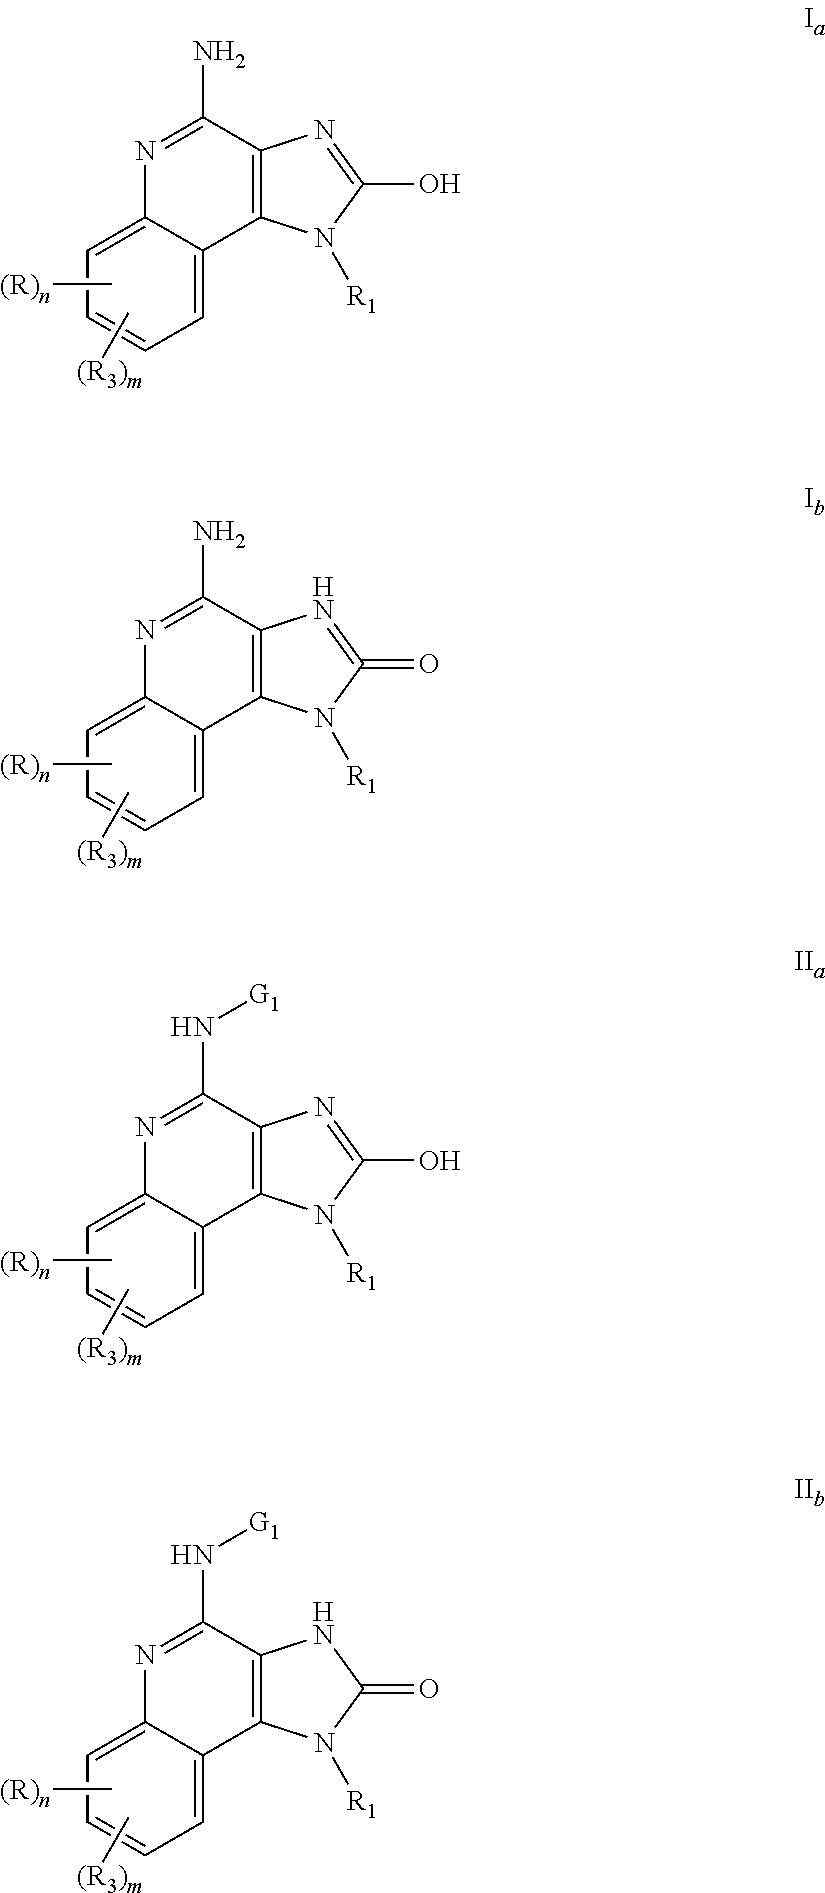 Figure US08088790-20120103-C00013